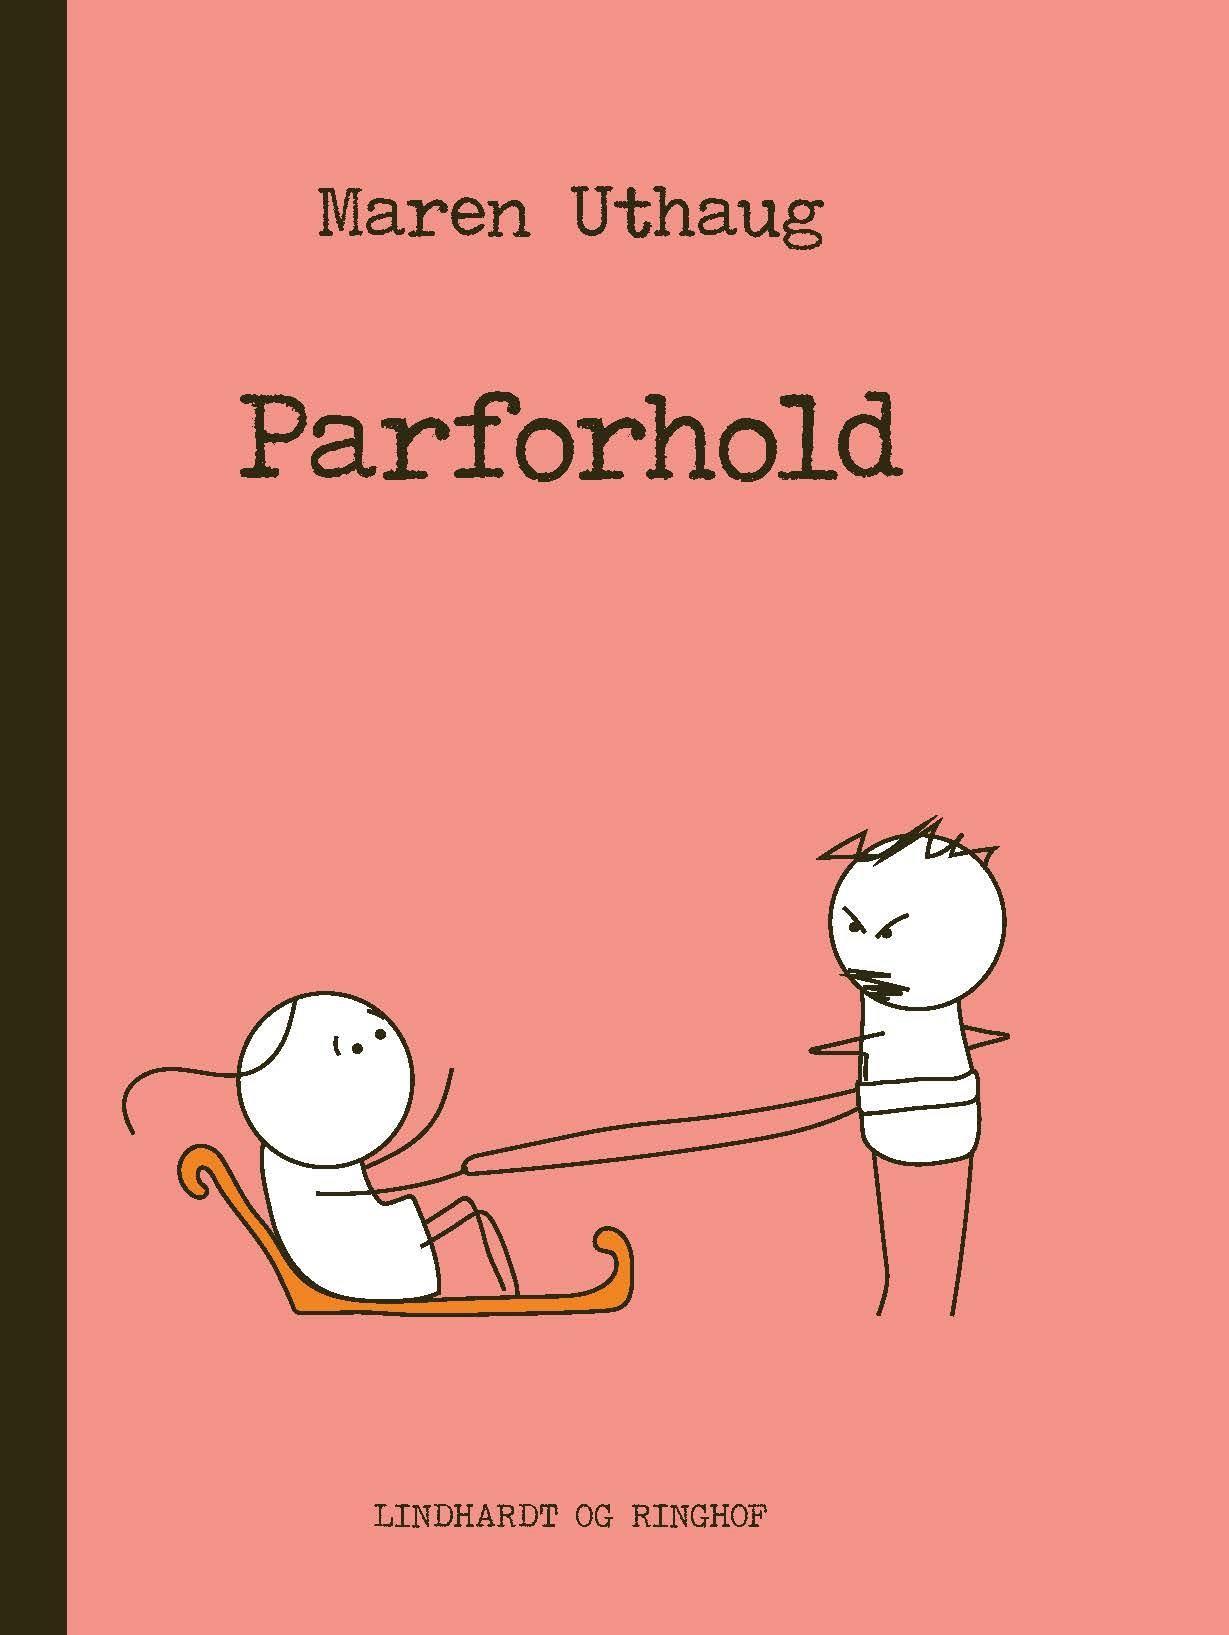 Striber på højkant 3: Parforhold - Maren Uthaug - Bøger - Lindhardt og Ringhof - 9788711986967 - 28. august 2020